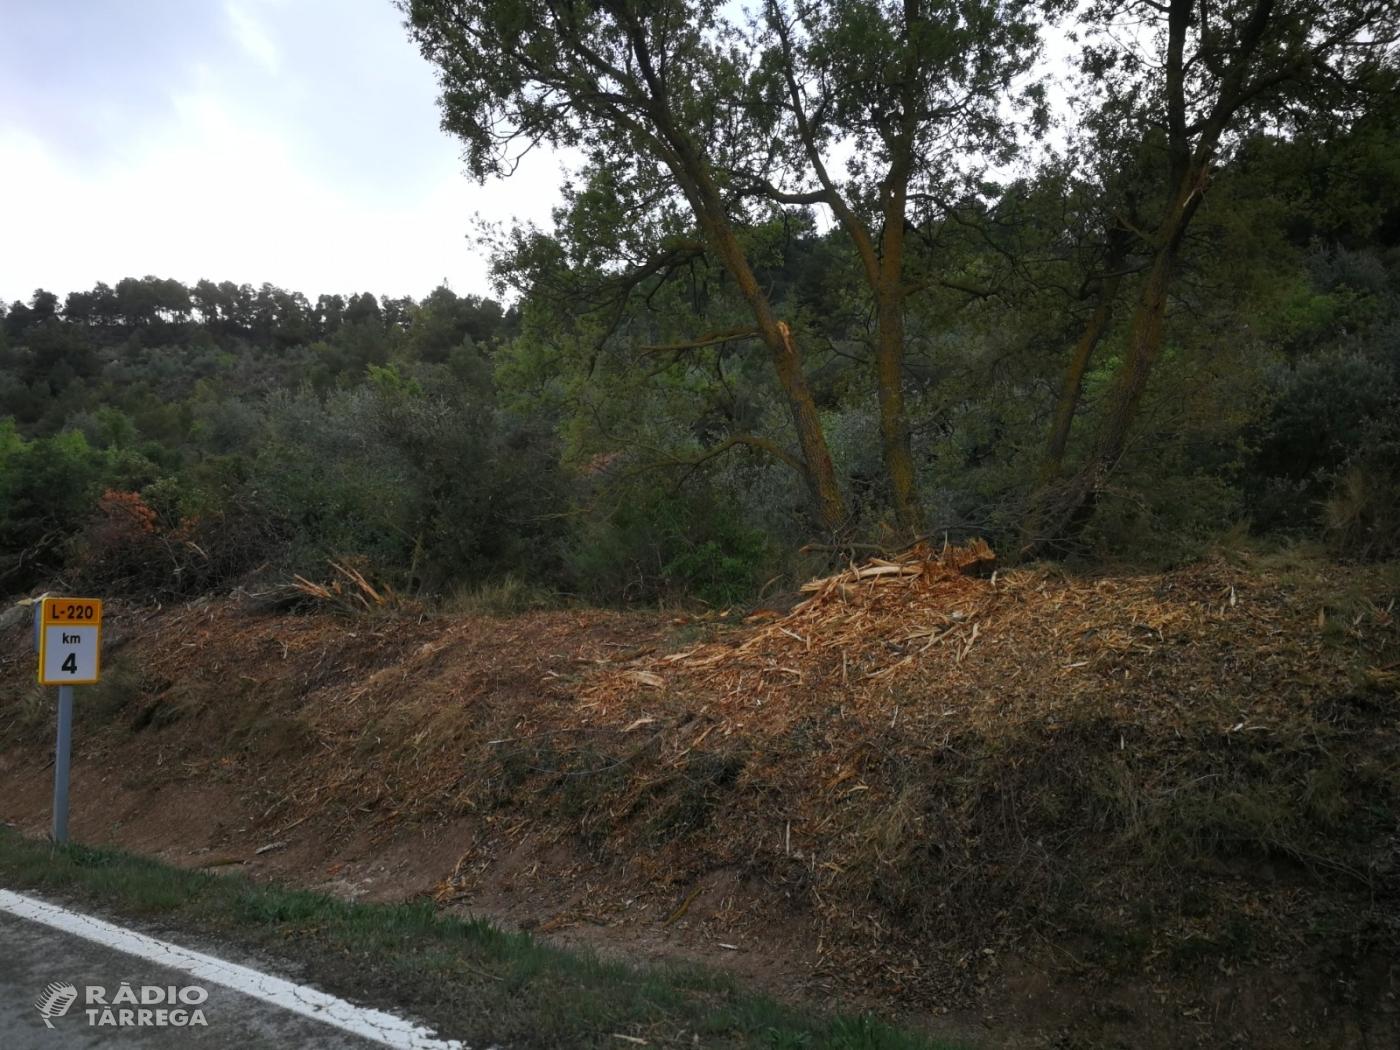 Denuncia per la destrossa de l'arbrat a les carreteres C-14 i L- 220 a la comarca de l'Urgell